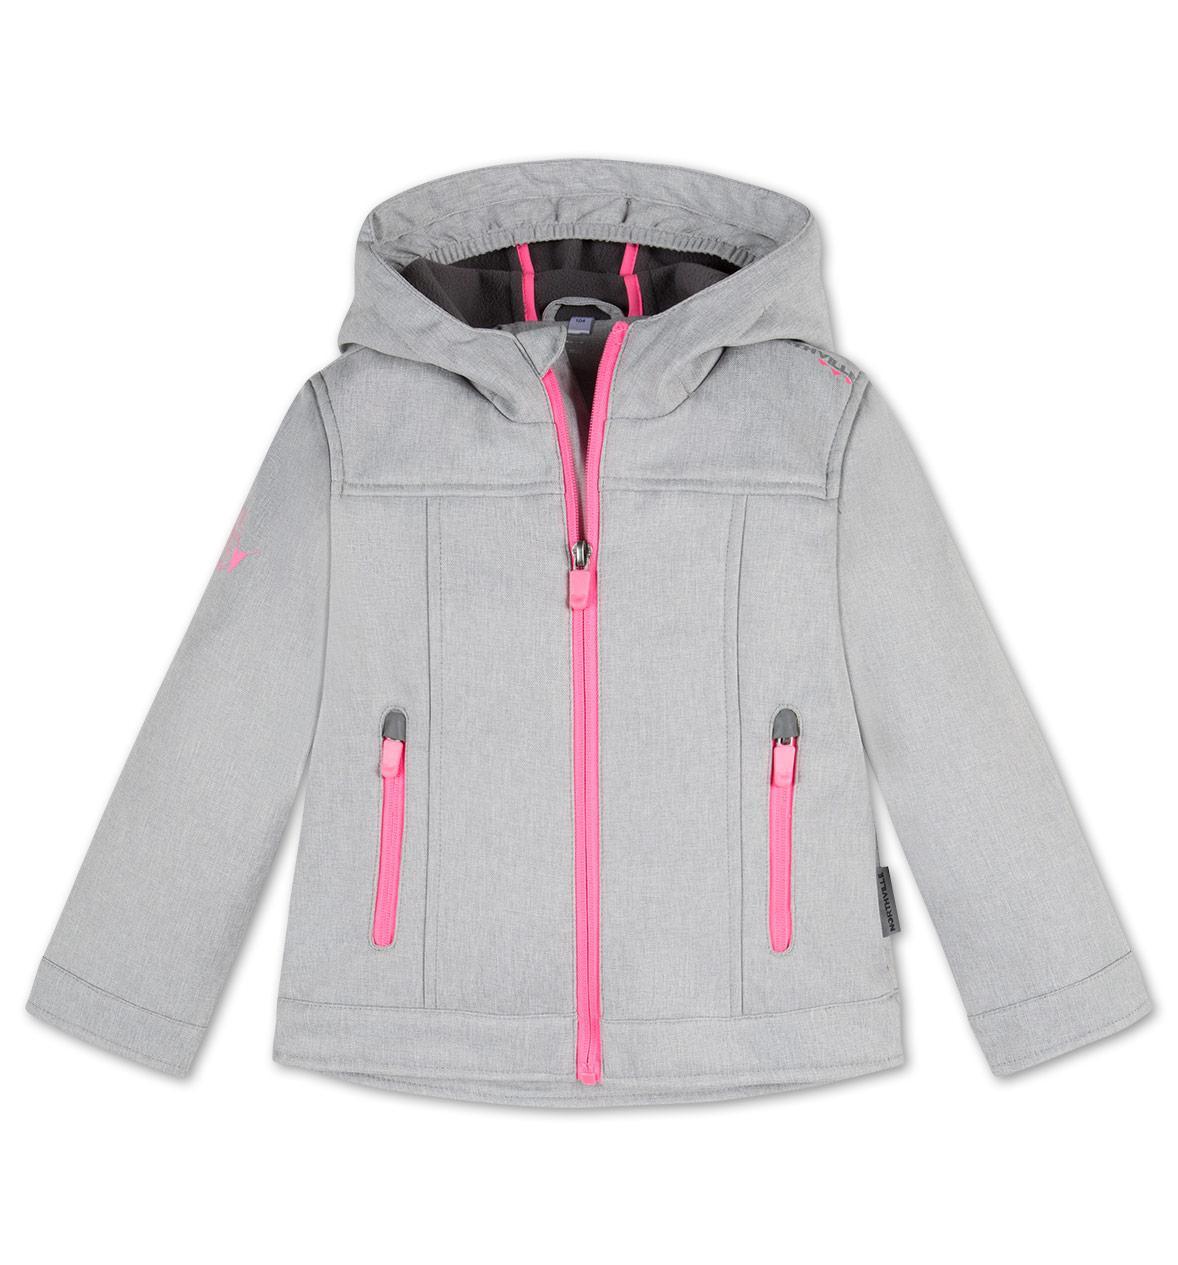 Куртка осень-весна Soft Shell на девочку C&A Германия Размер 116